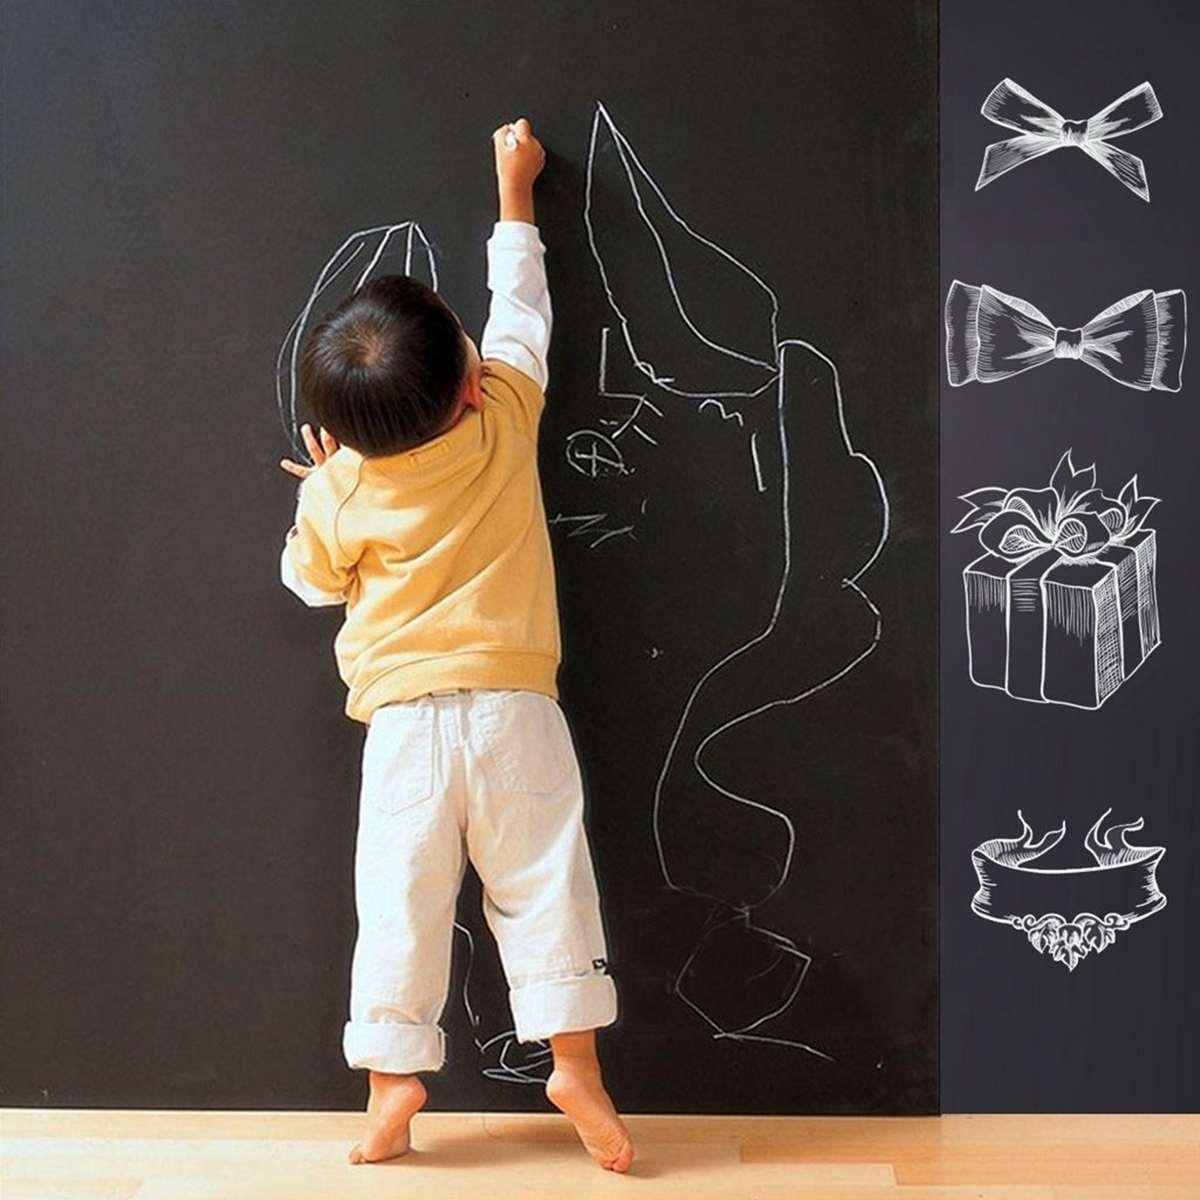 60x200cm Kids Blackboard Removable Wall Sticker Chalkboard Decal Children Blackboard Chalkboard Sticker Label For Boy Girls